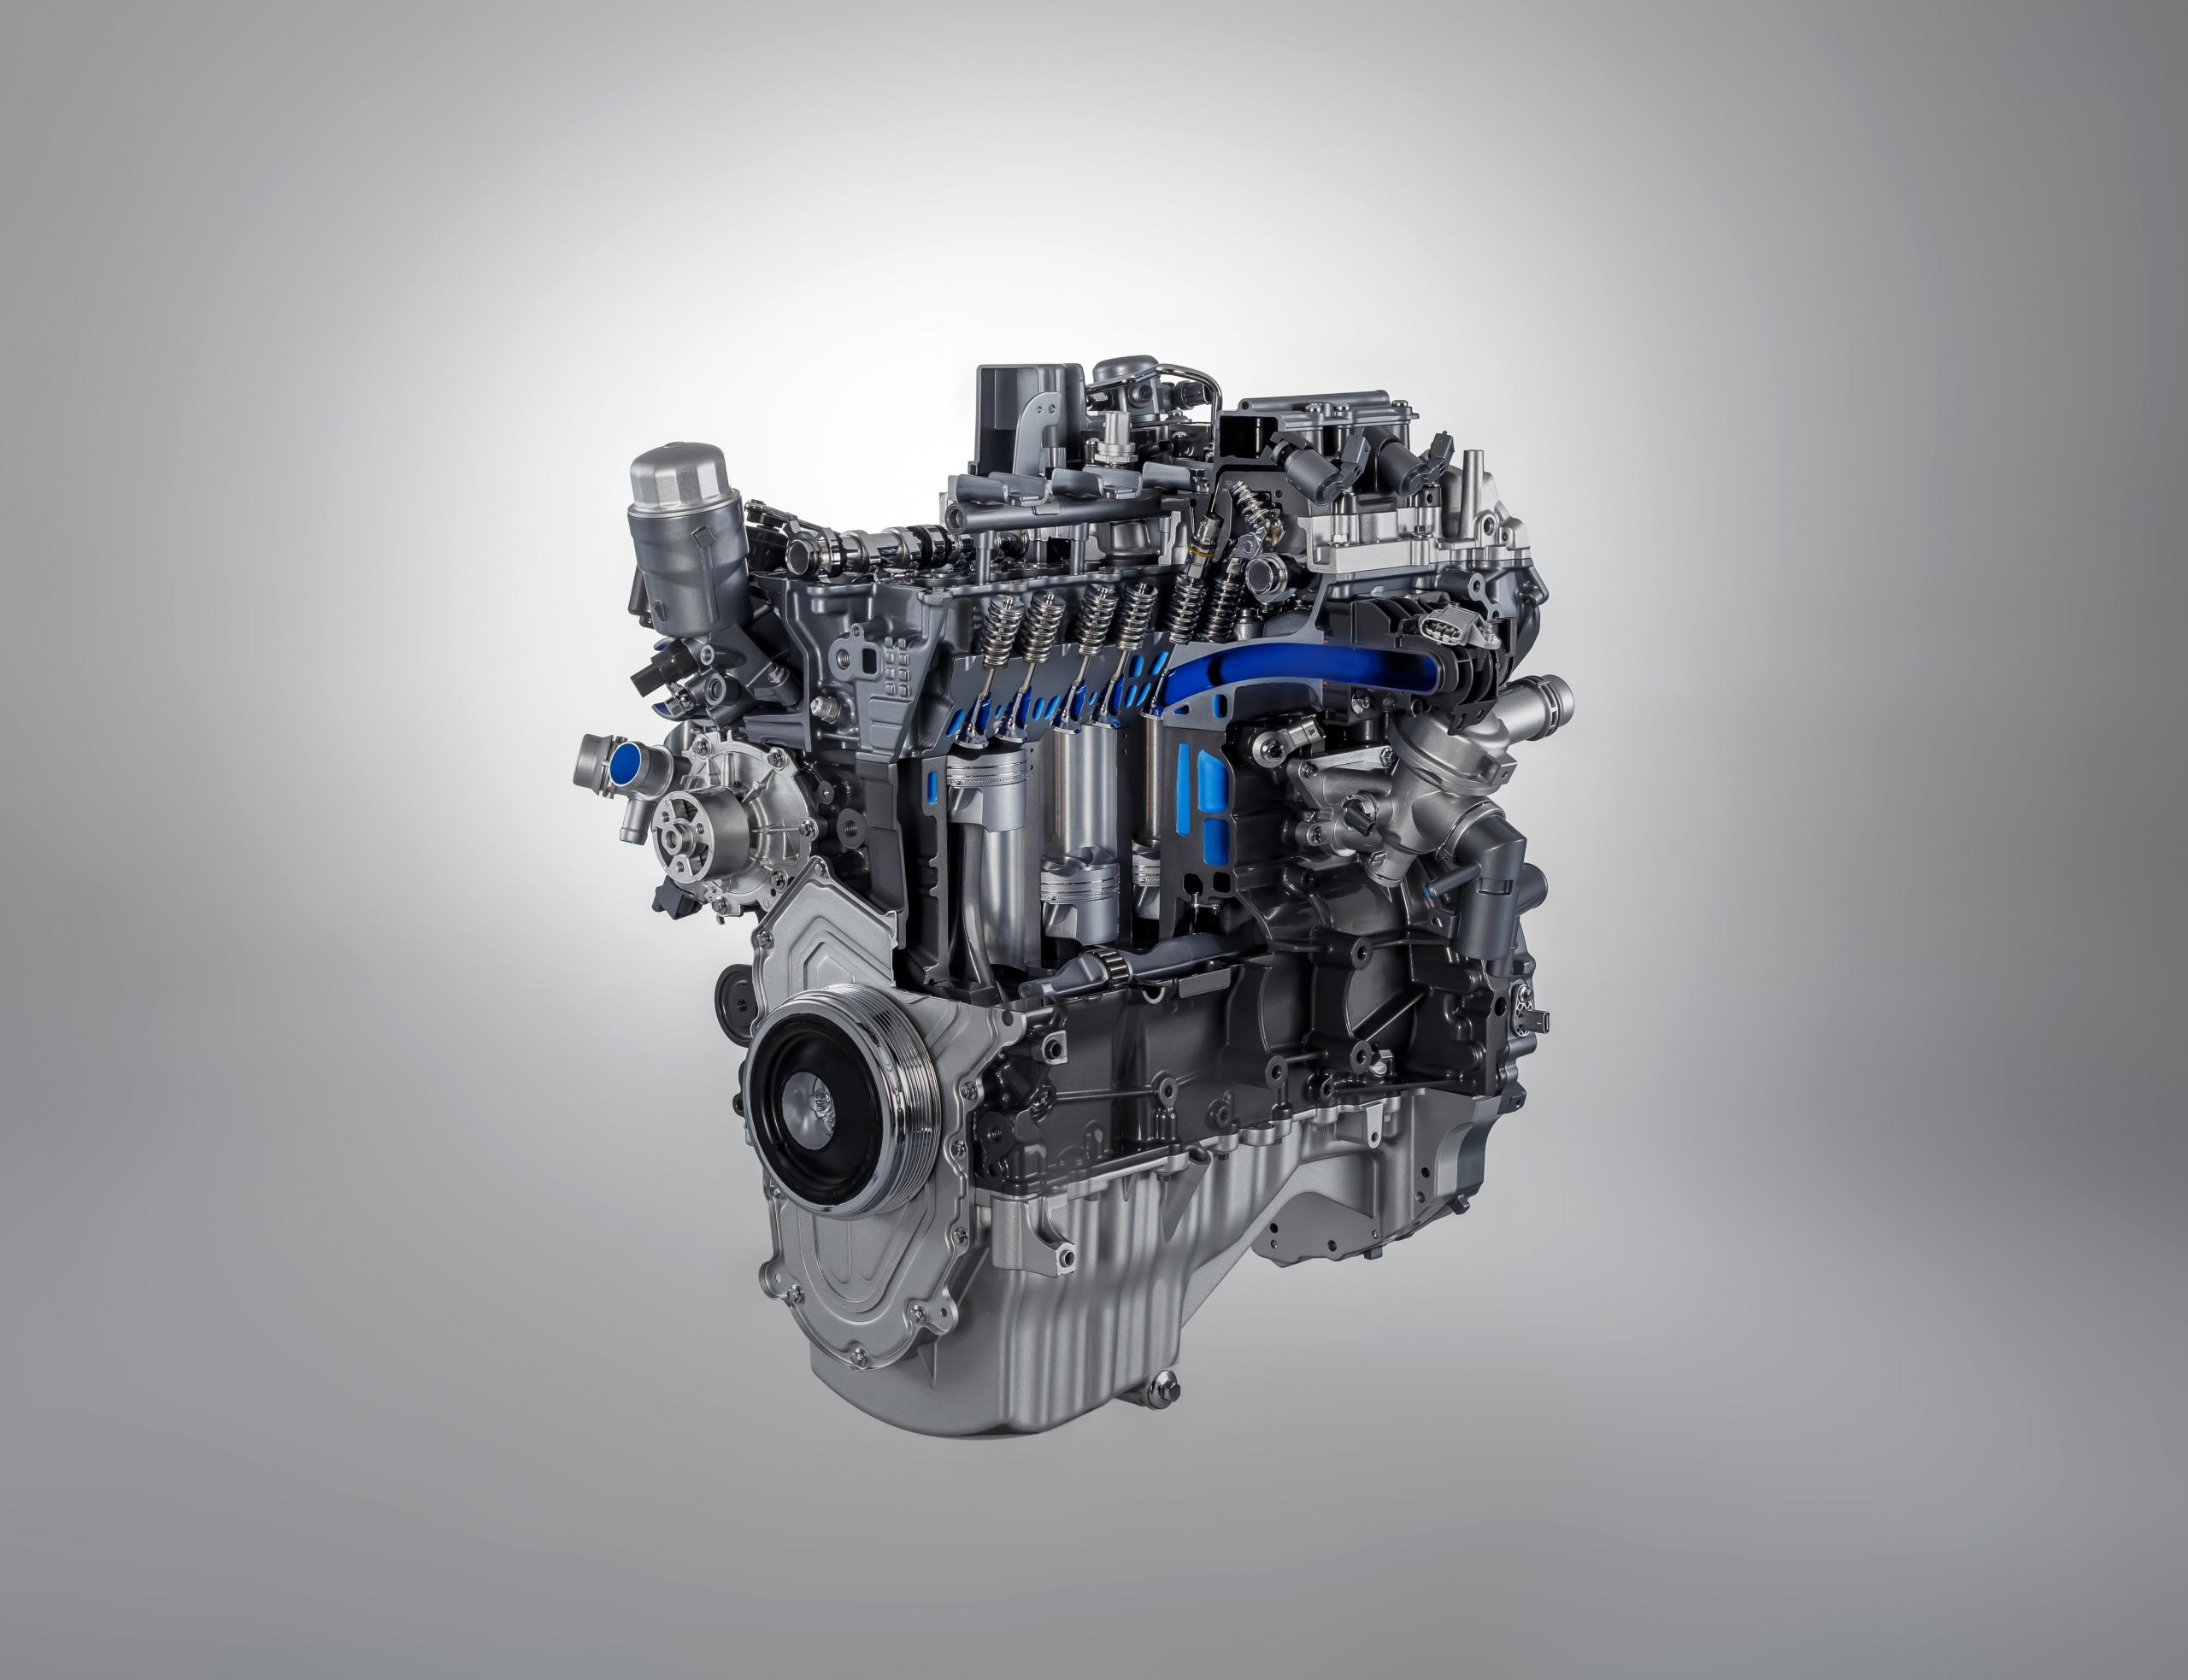 Jaguar F-Type Ingenium engine